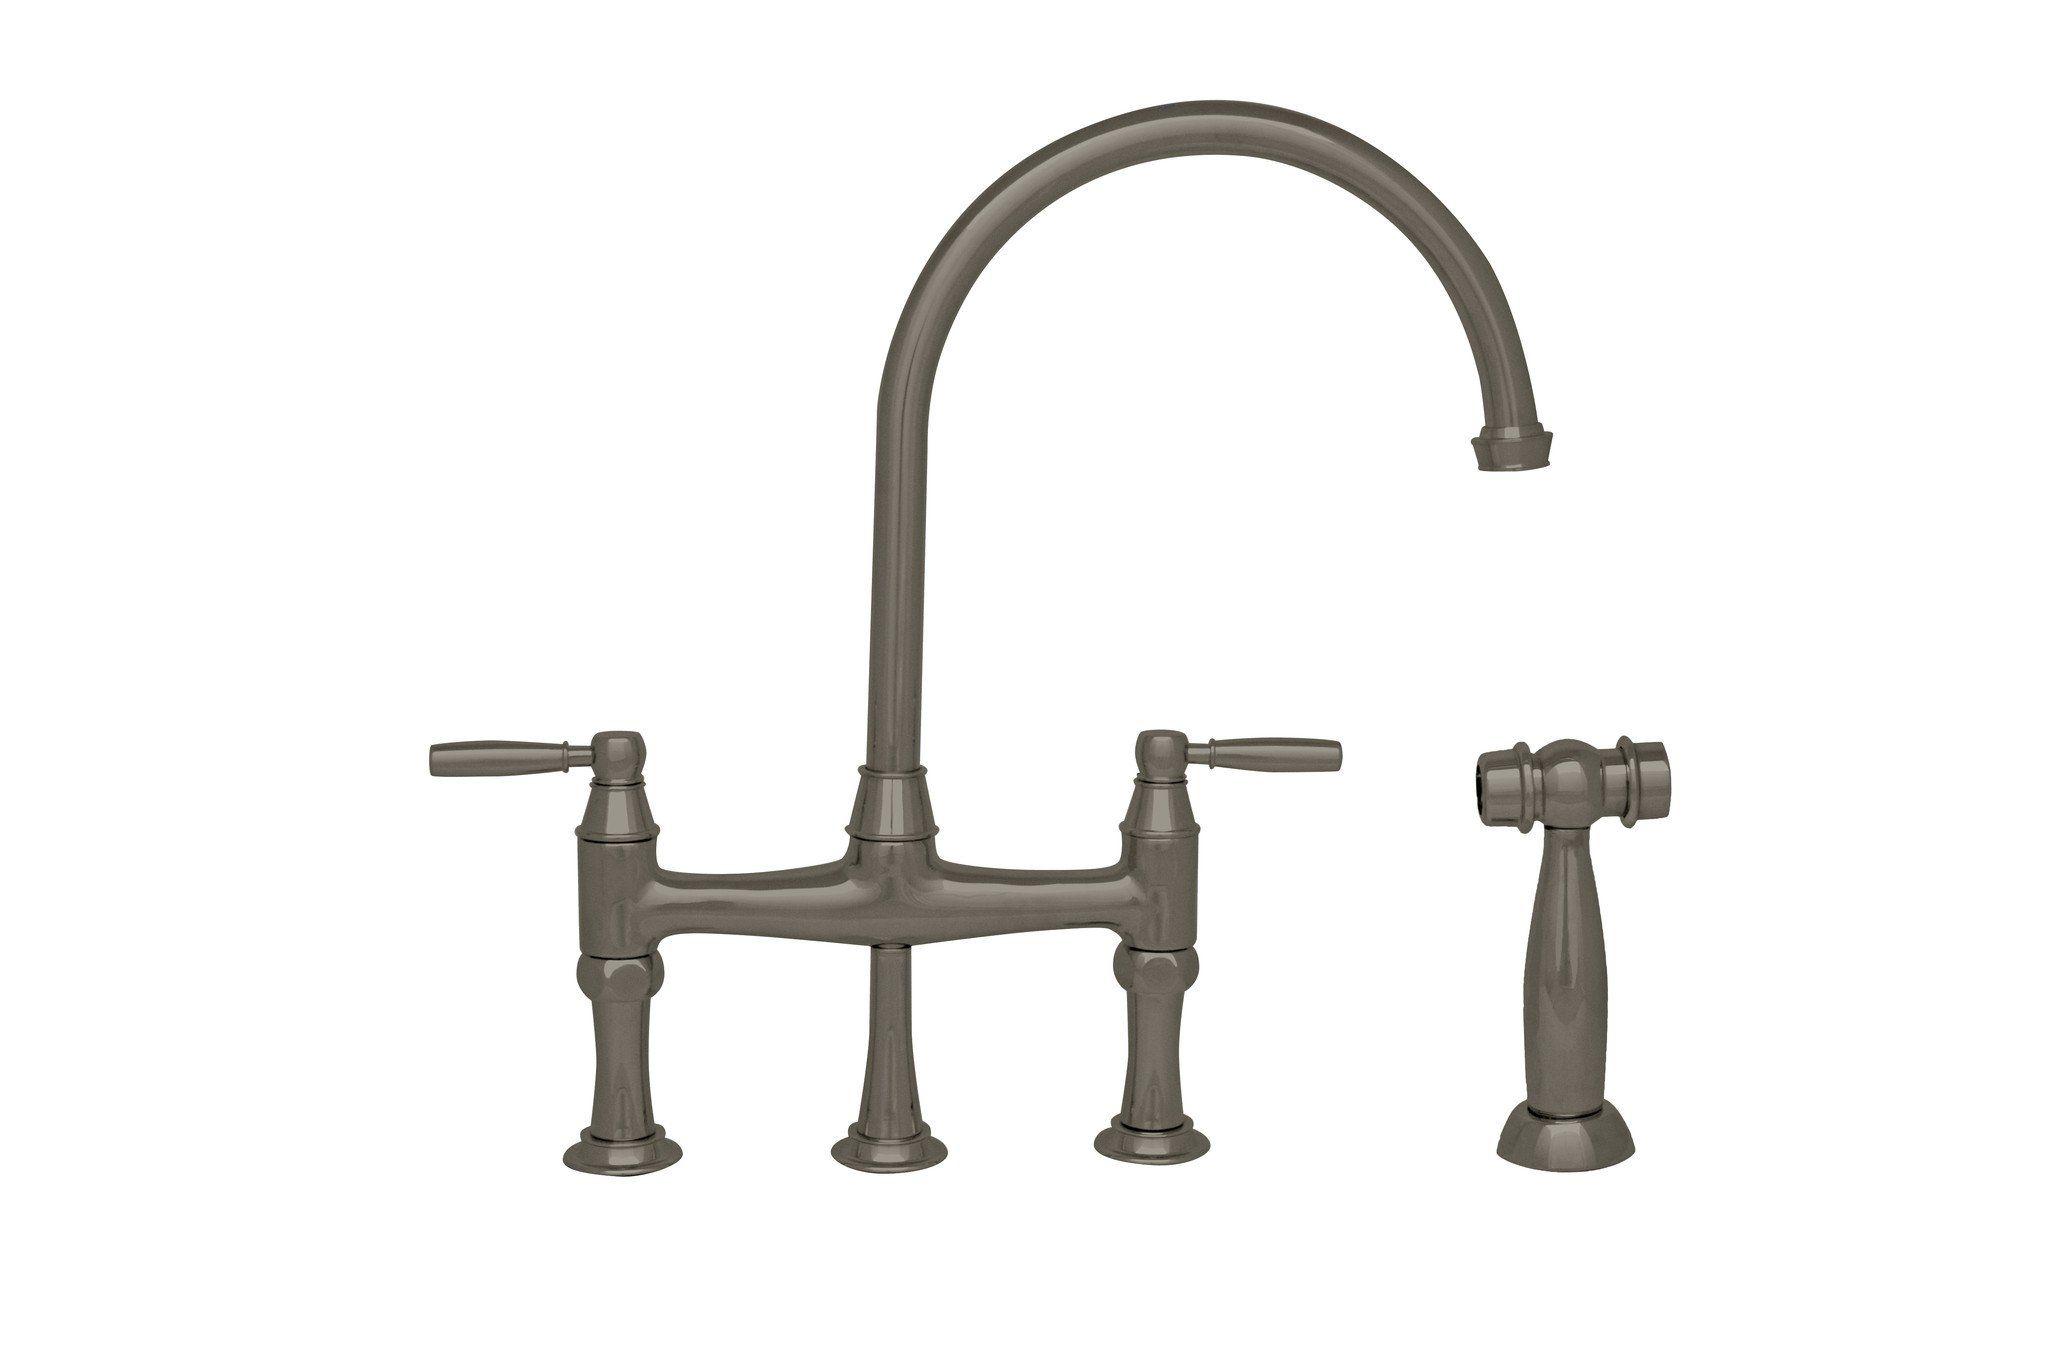 Queenhaus bridge faucet with a long gooseneck spout solid lever